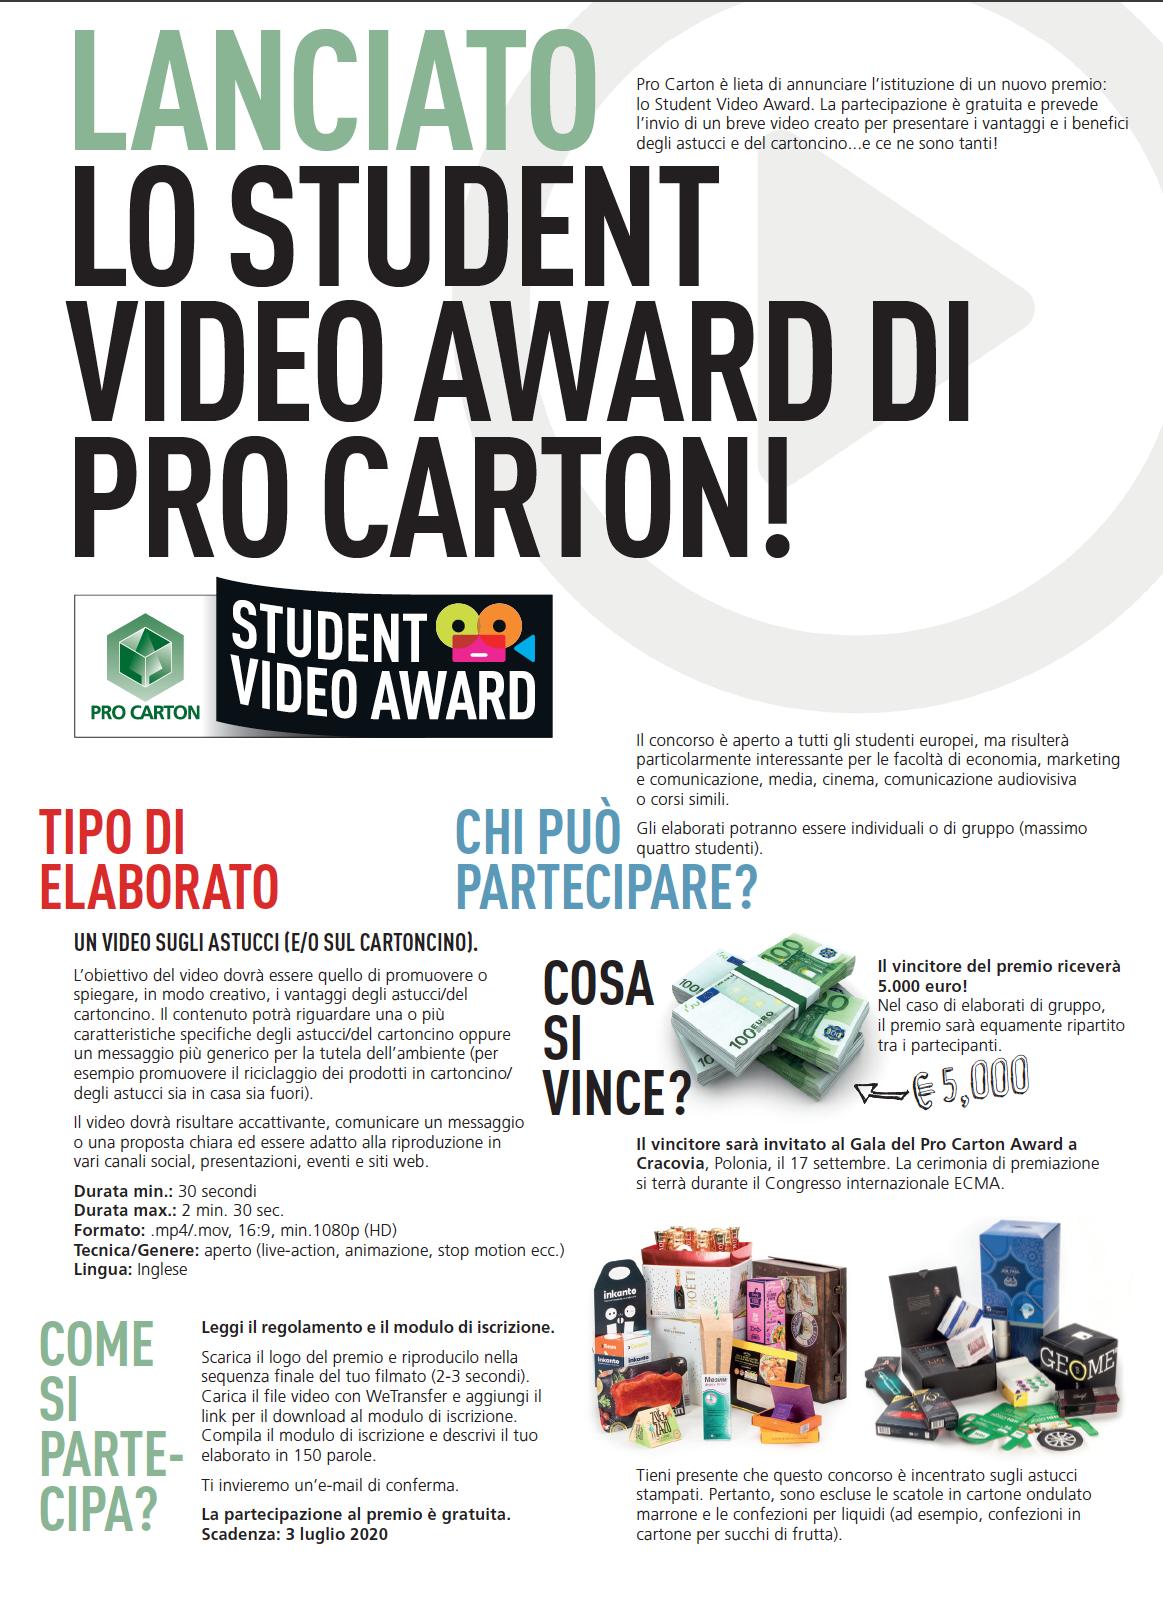 Student Video Award di Pro Carton DUE PAGINE DI VOLANTINO